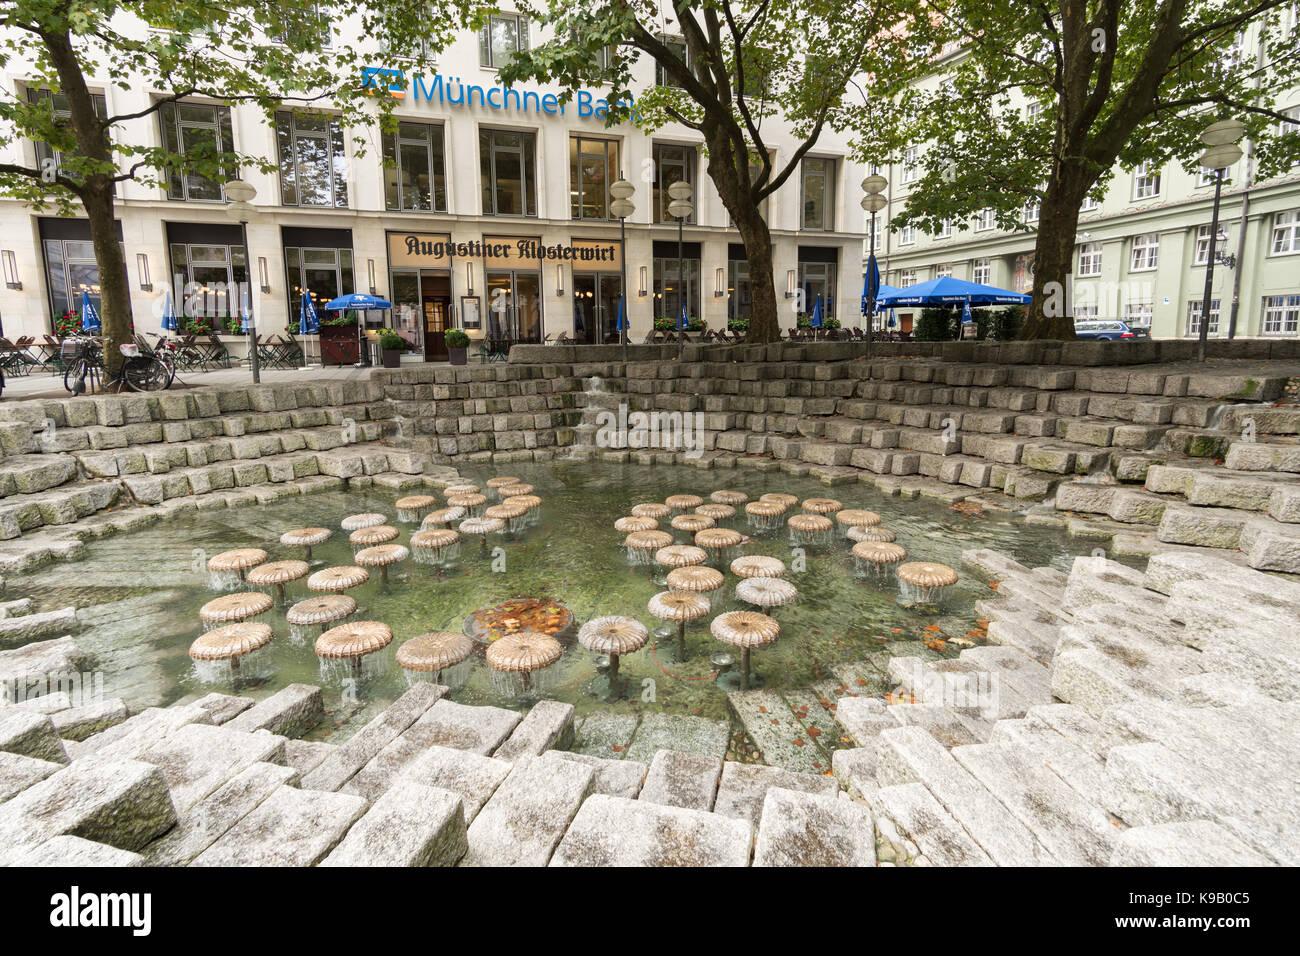 Water mushroom fountain, Munich, Germany, Europe - Stock Image